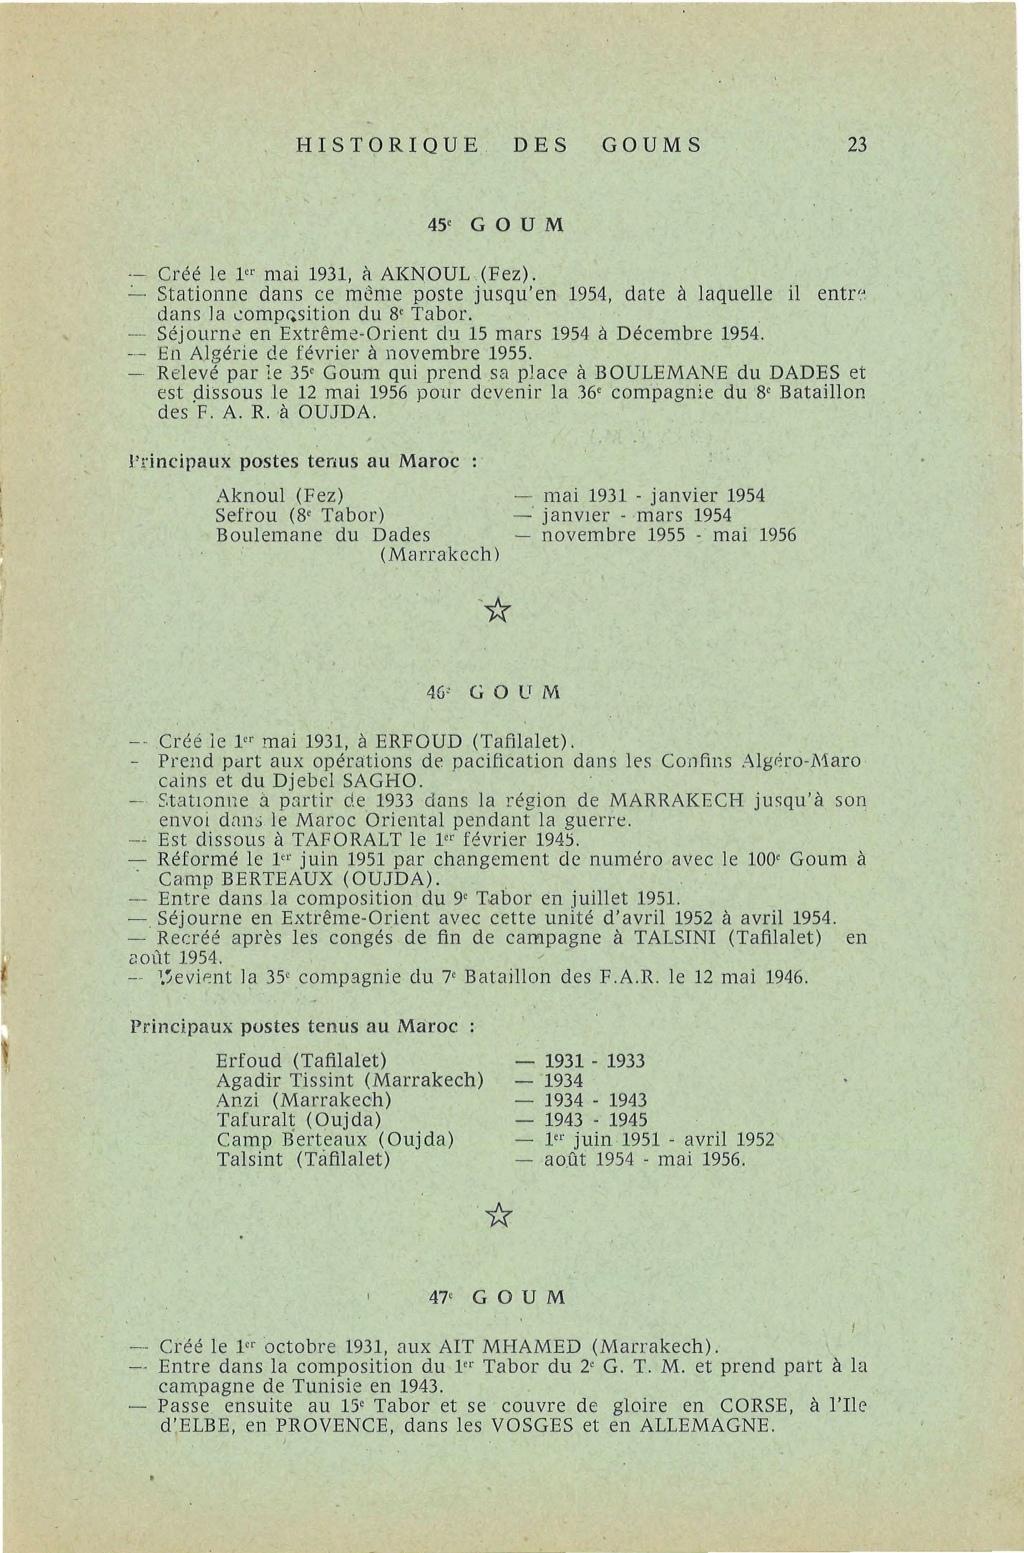 12 mai 1956 - Dissolution des Goumiers & integration aux FAR La_kou30